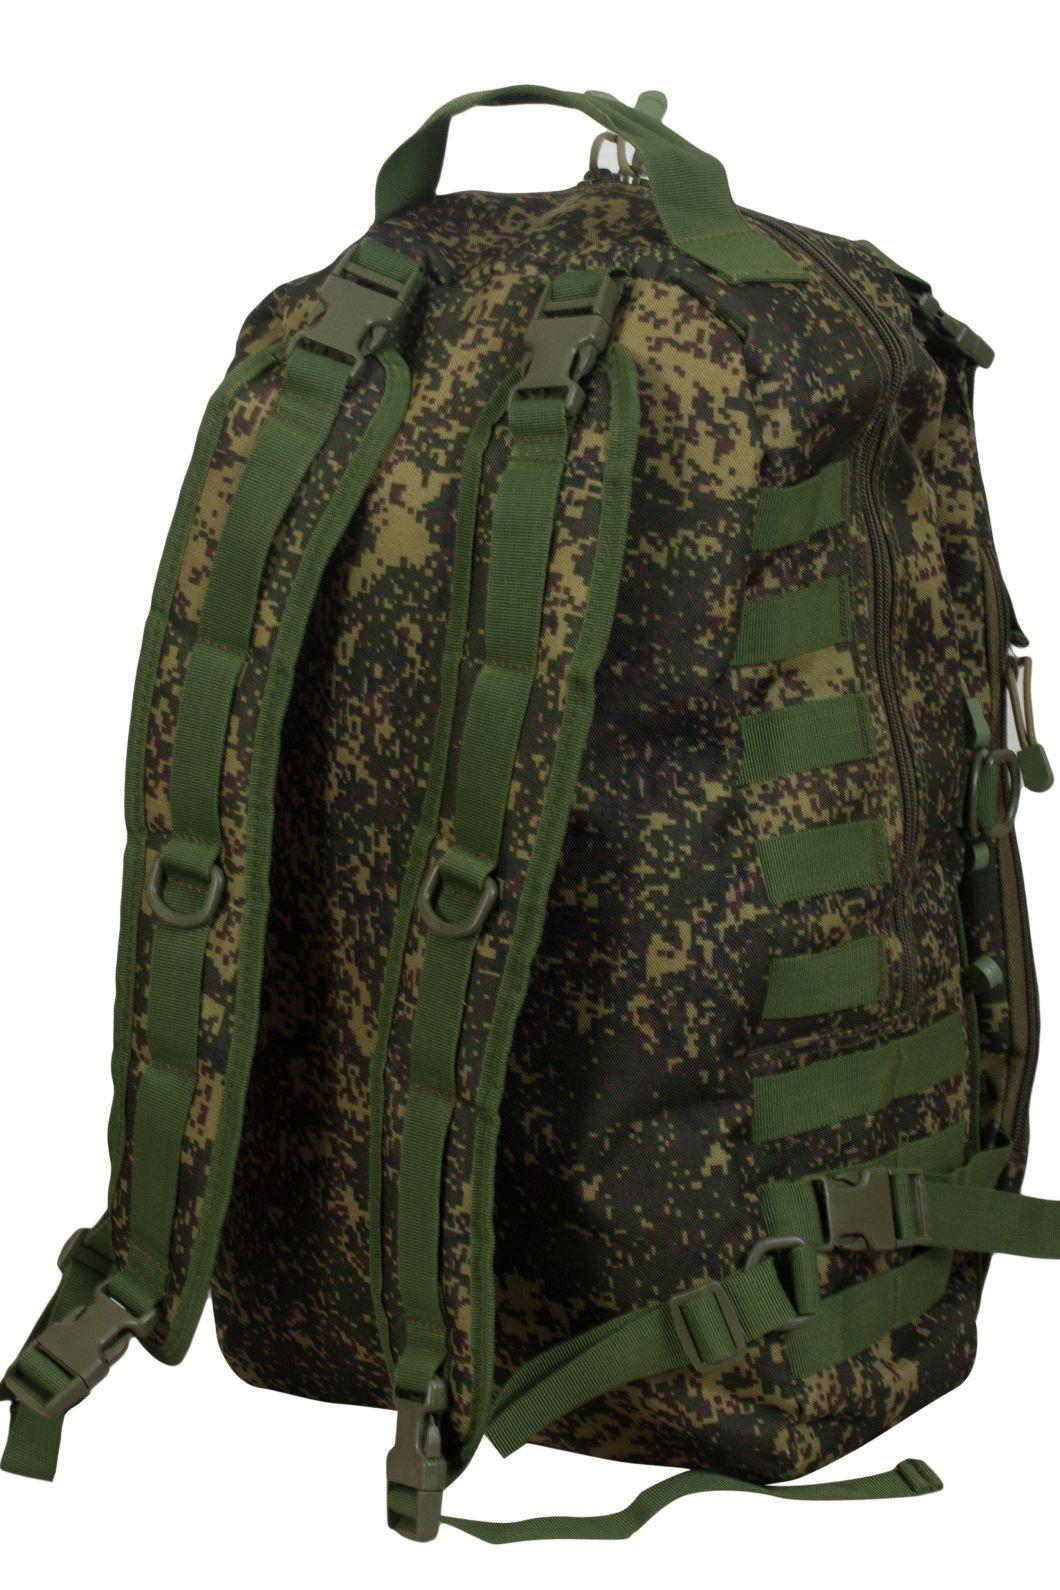 Рейдовый армейский рюкзак с нашивкой ДПС - купить по низкой цене